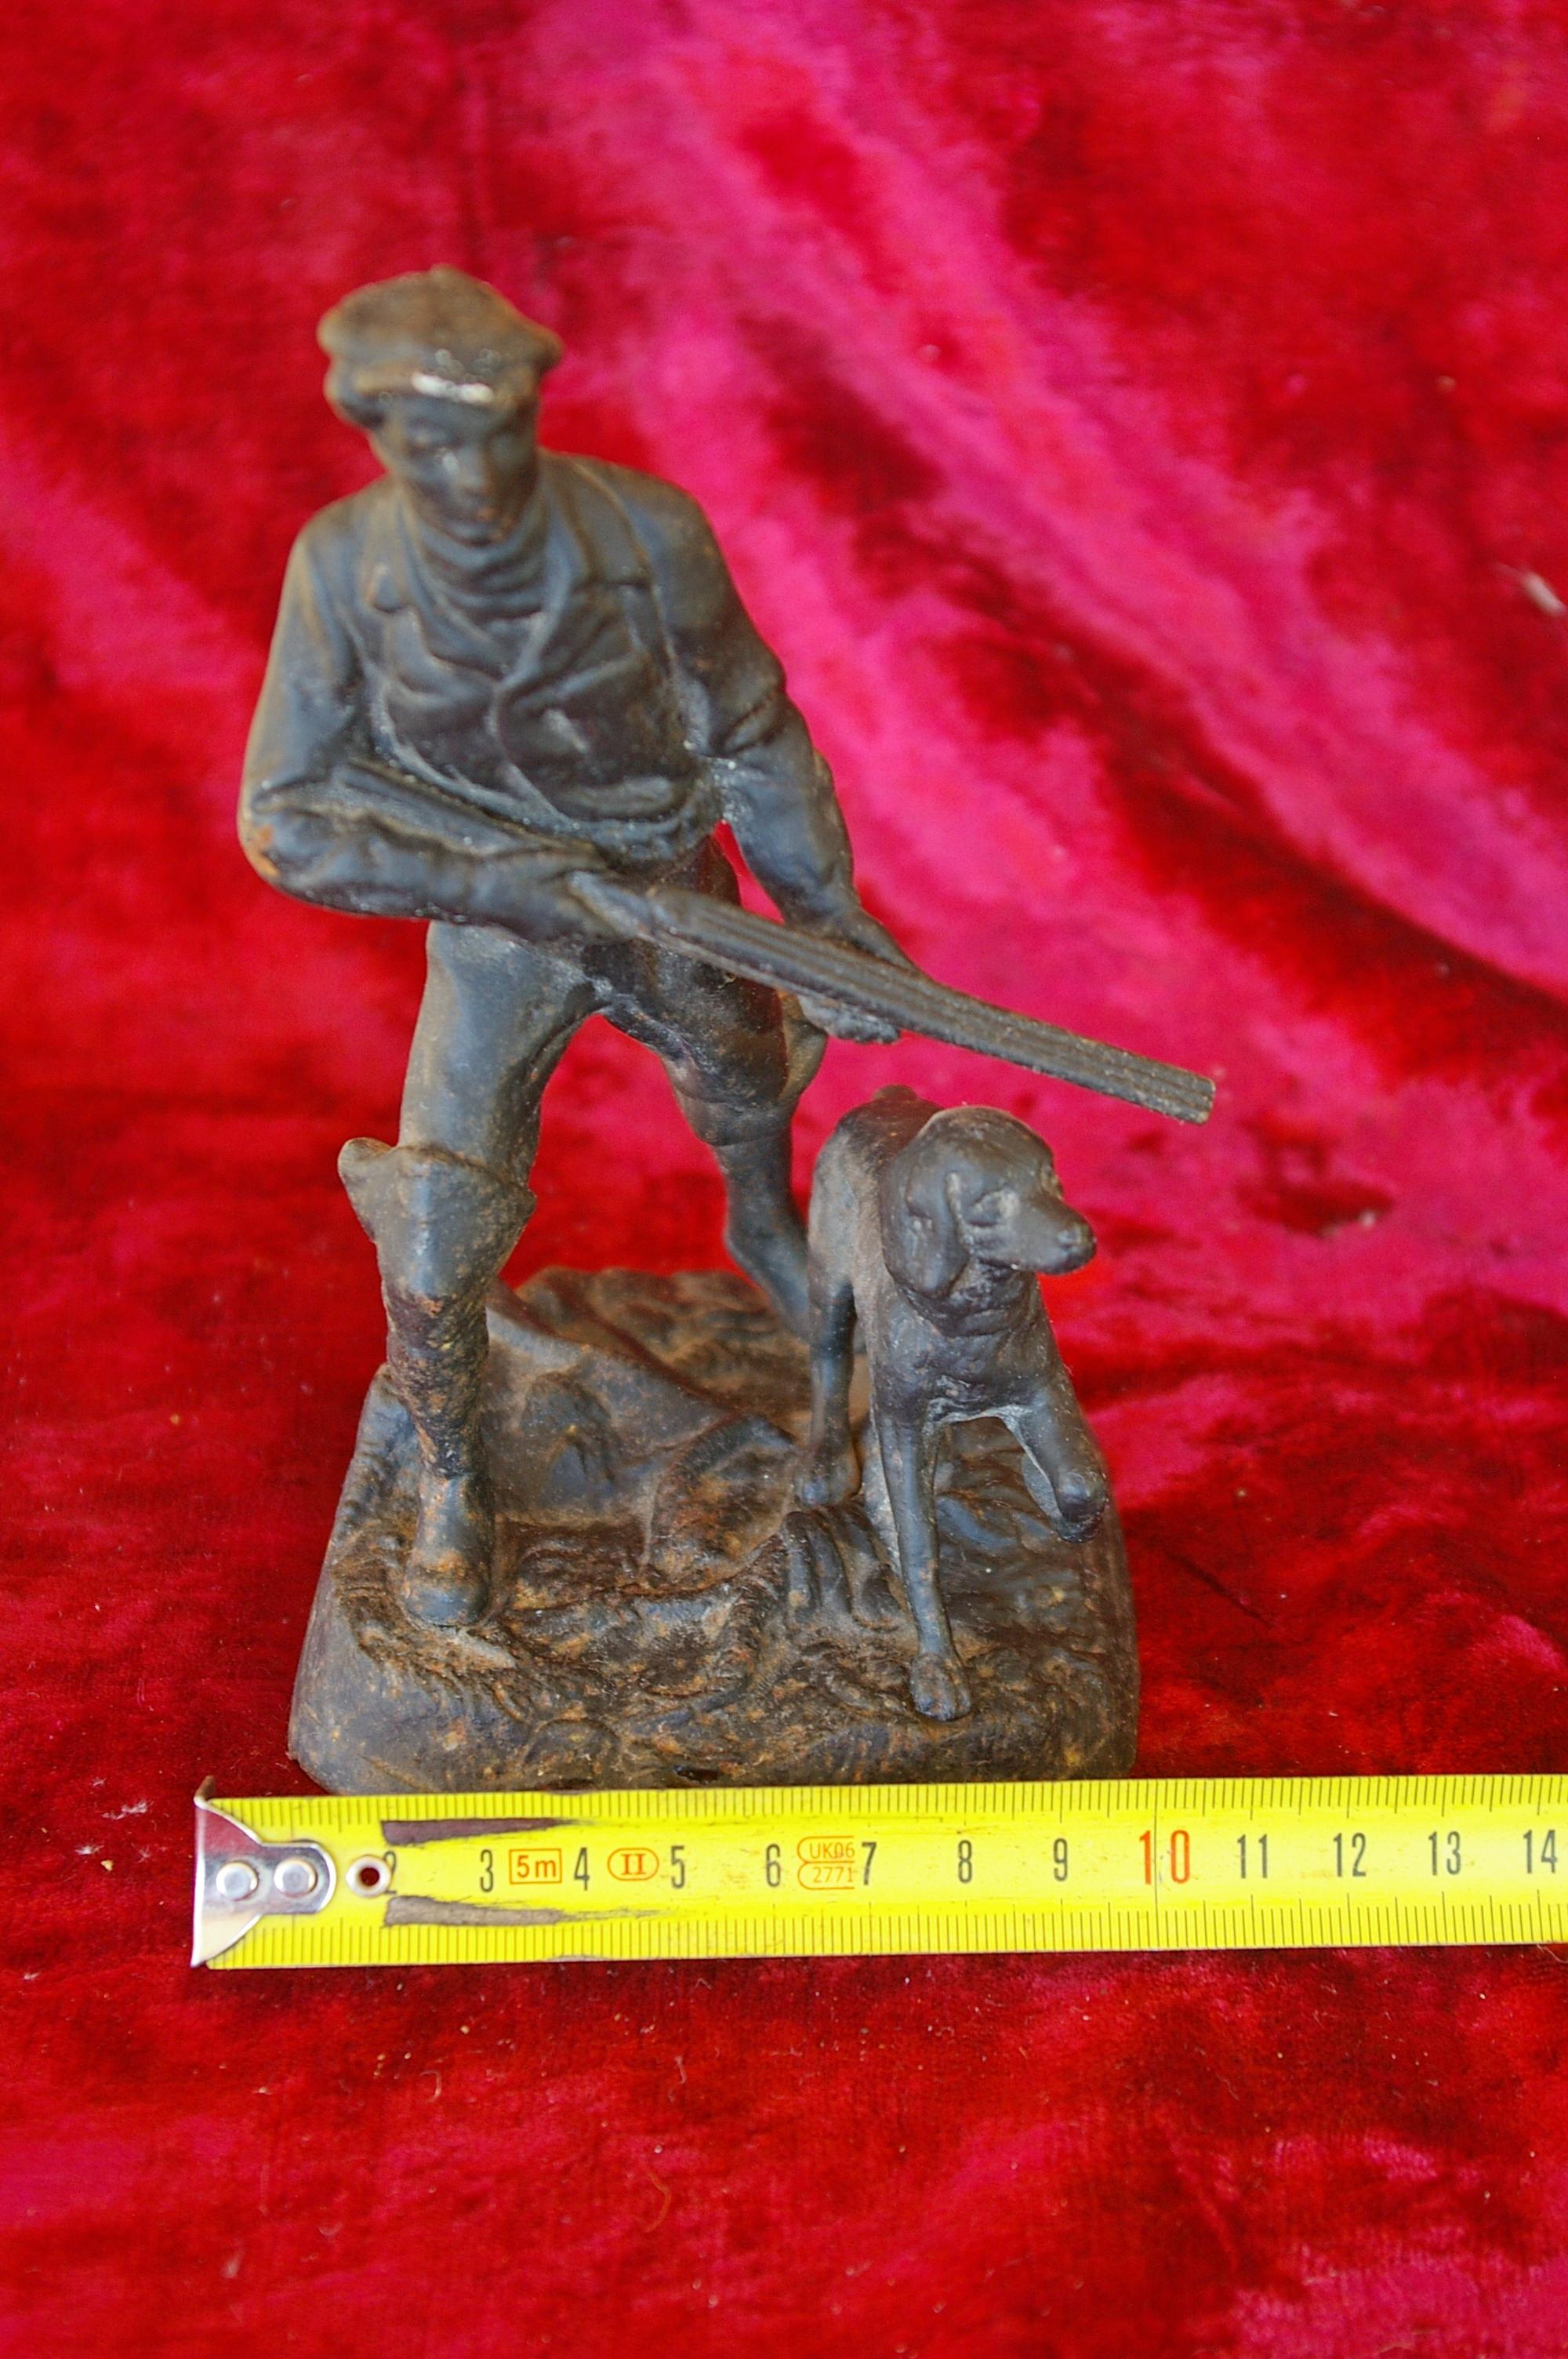 Скульптура Охотник, материал чугун, высота 17 см., ширина 9 см., длина 9 см. - 7